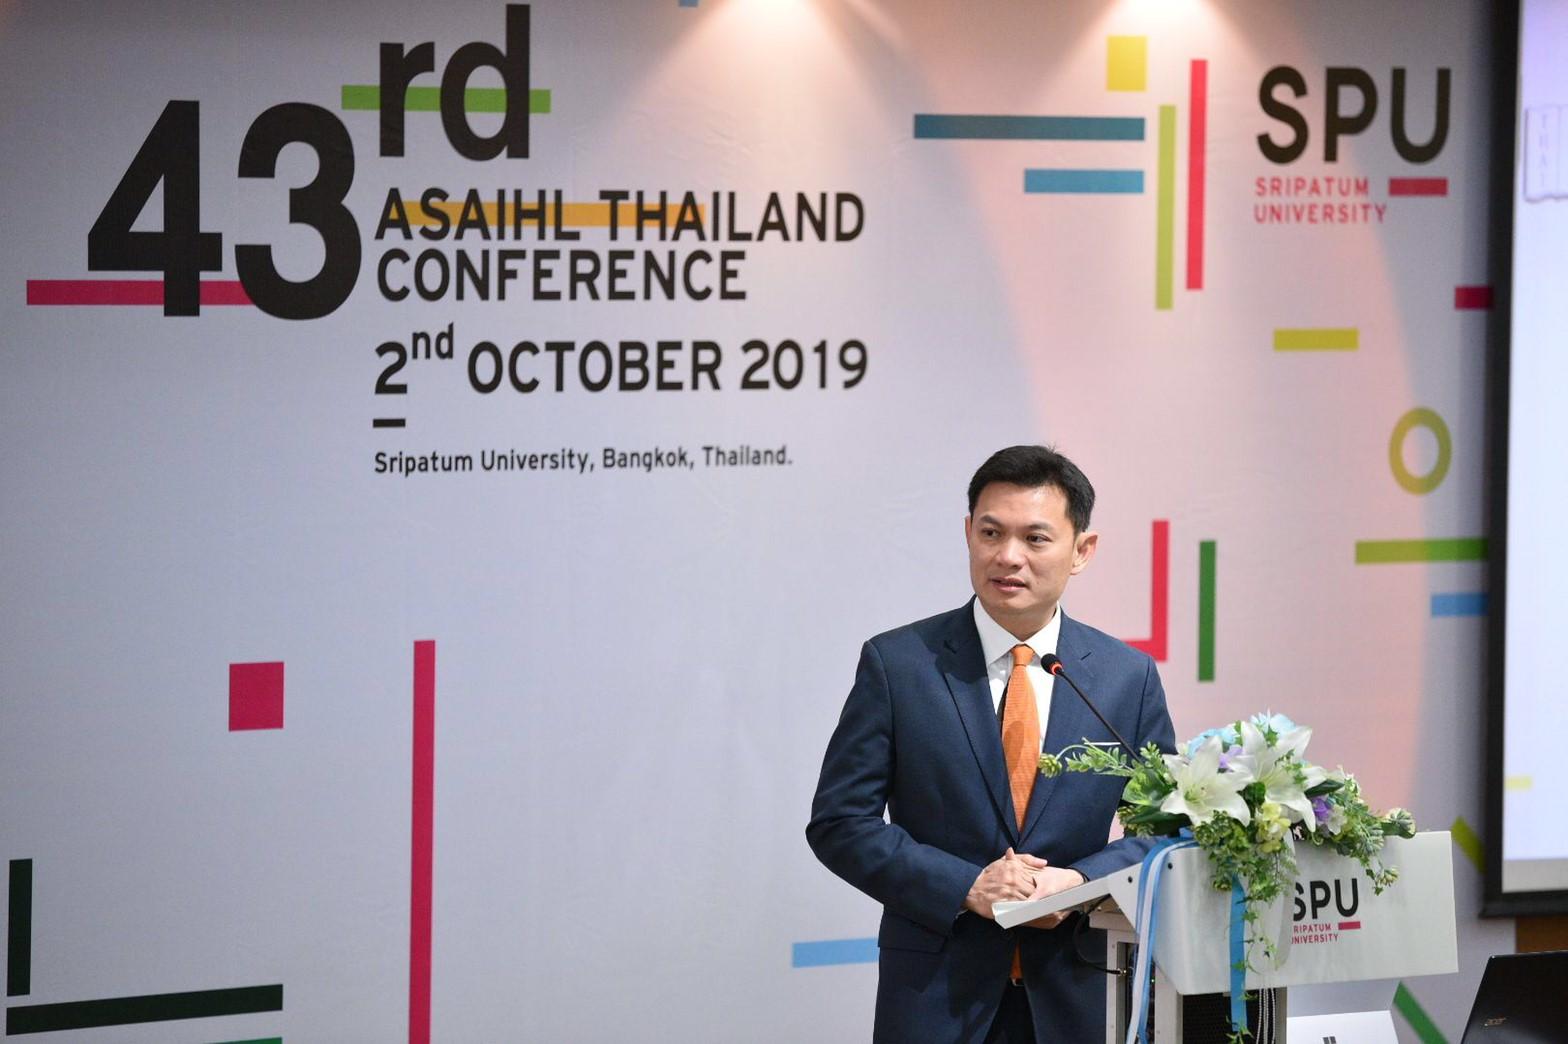 การประชุมทางวิชาการสมาคมสถาบันการศึกษาขั้นอุดมแห่งภูมิภาคเอเชียตะวันออกเฉียงใต้ ประจำประเทศไทย (สออ.ประเทศไทย) ครั้งที่ 43